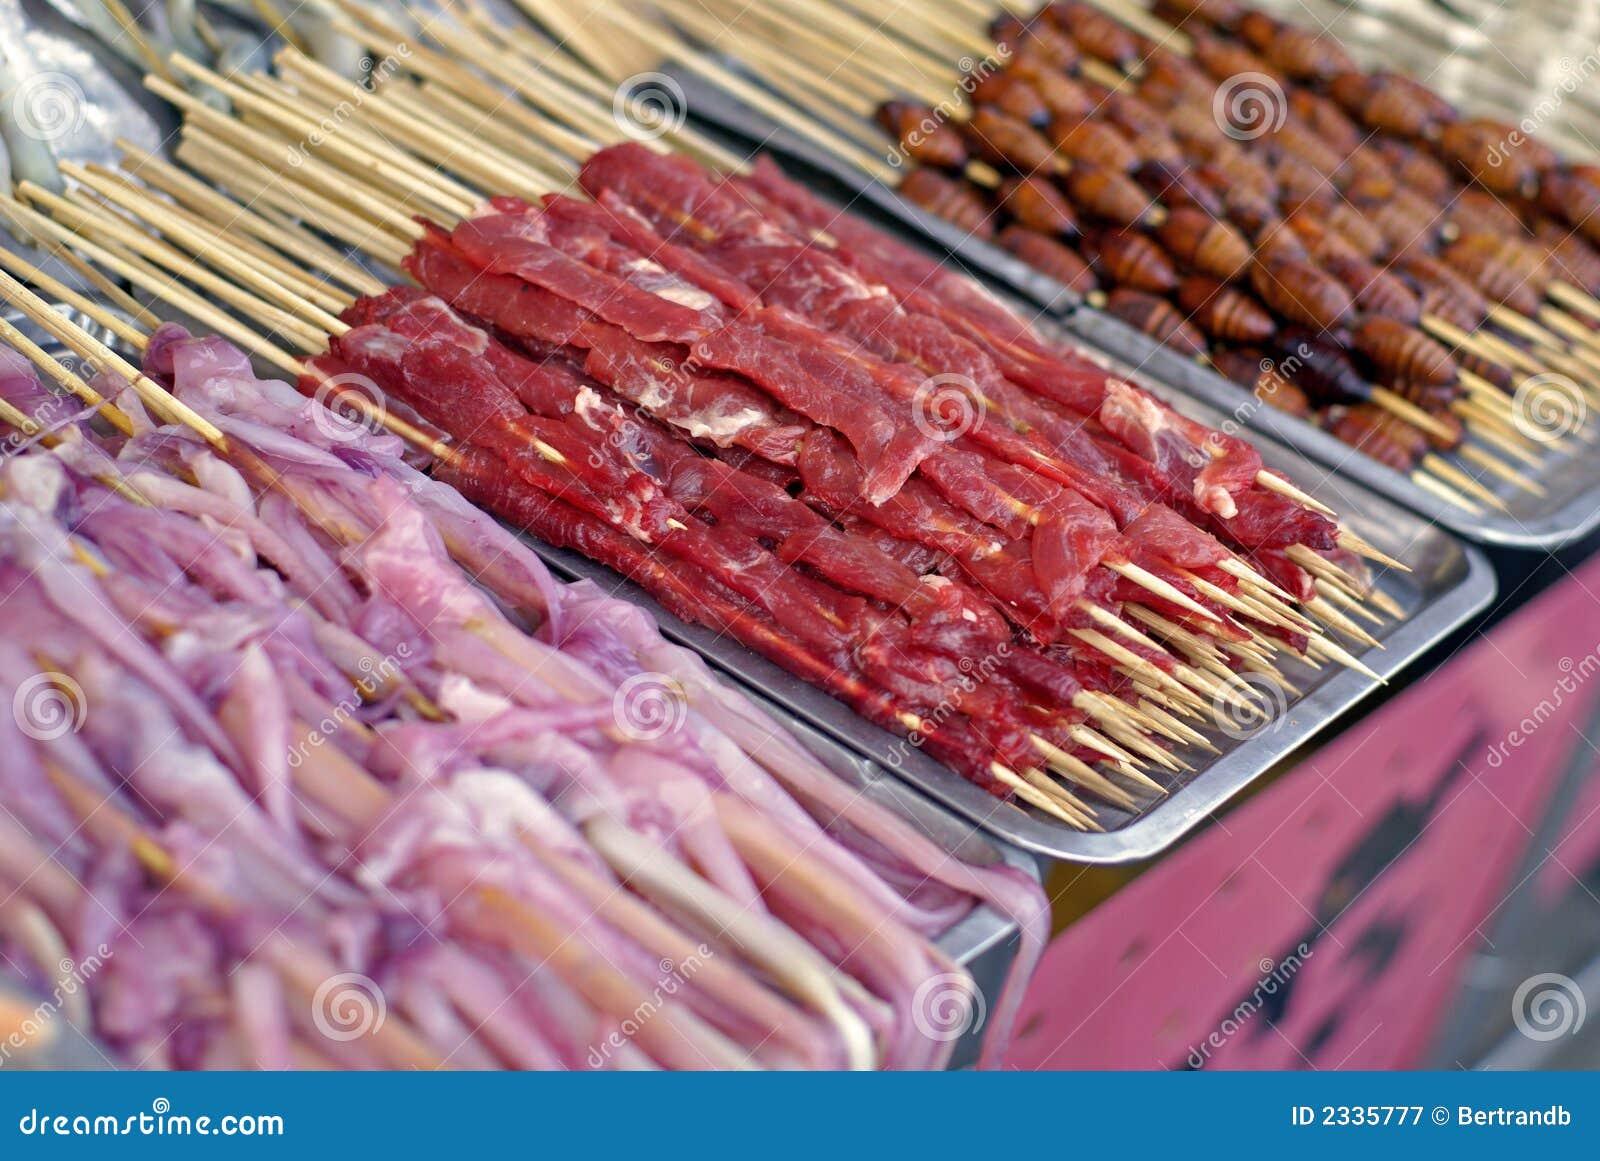 Chińskie jedzenie kebaby rynku